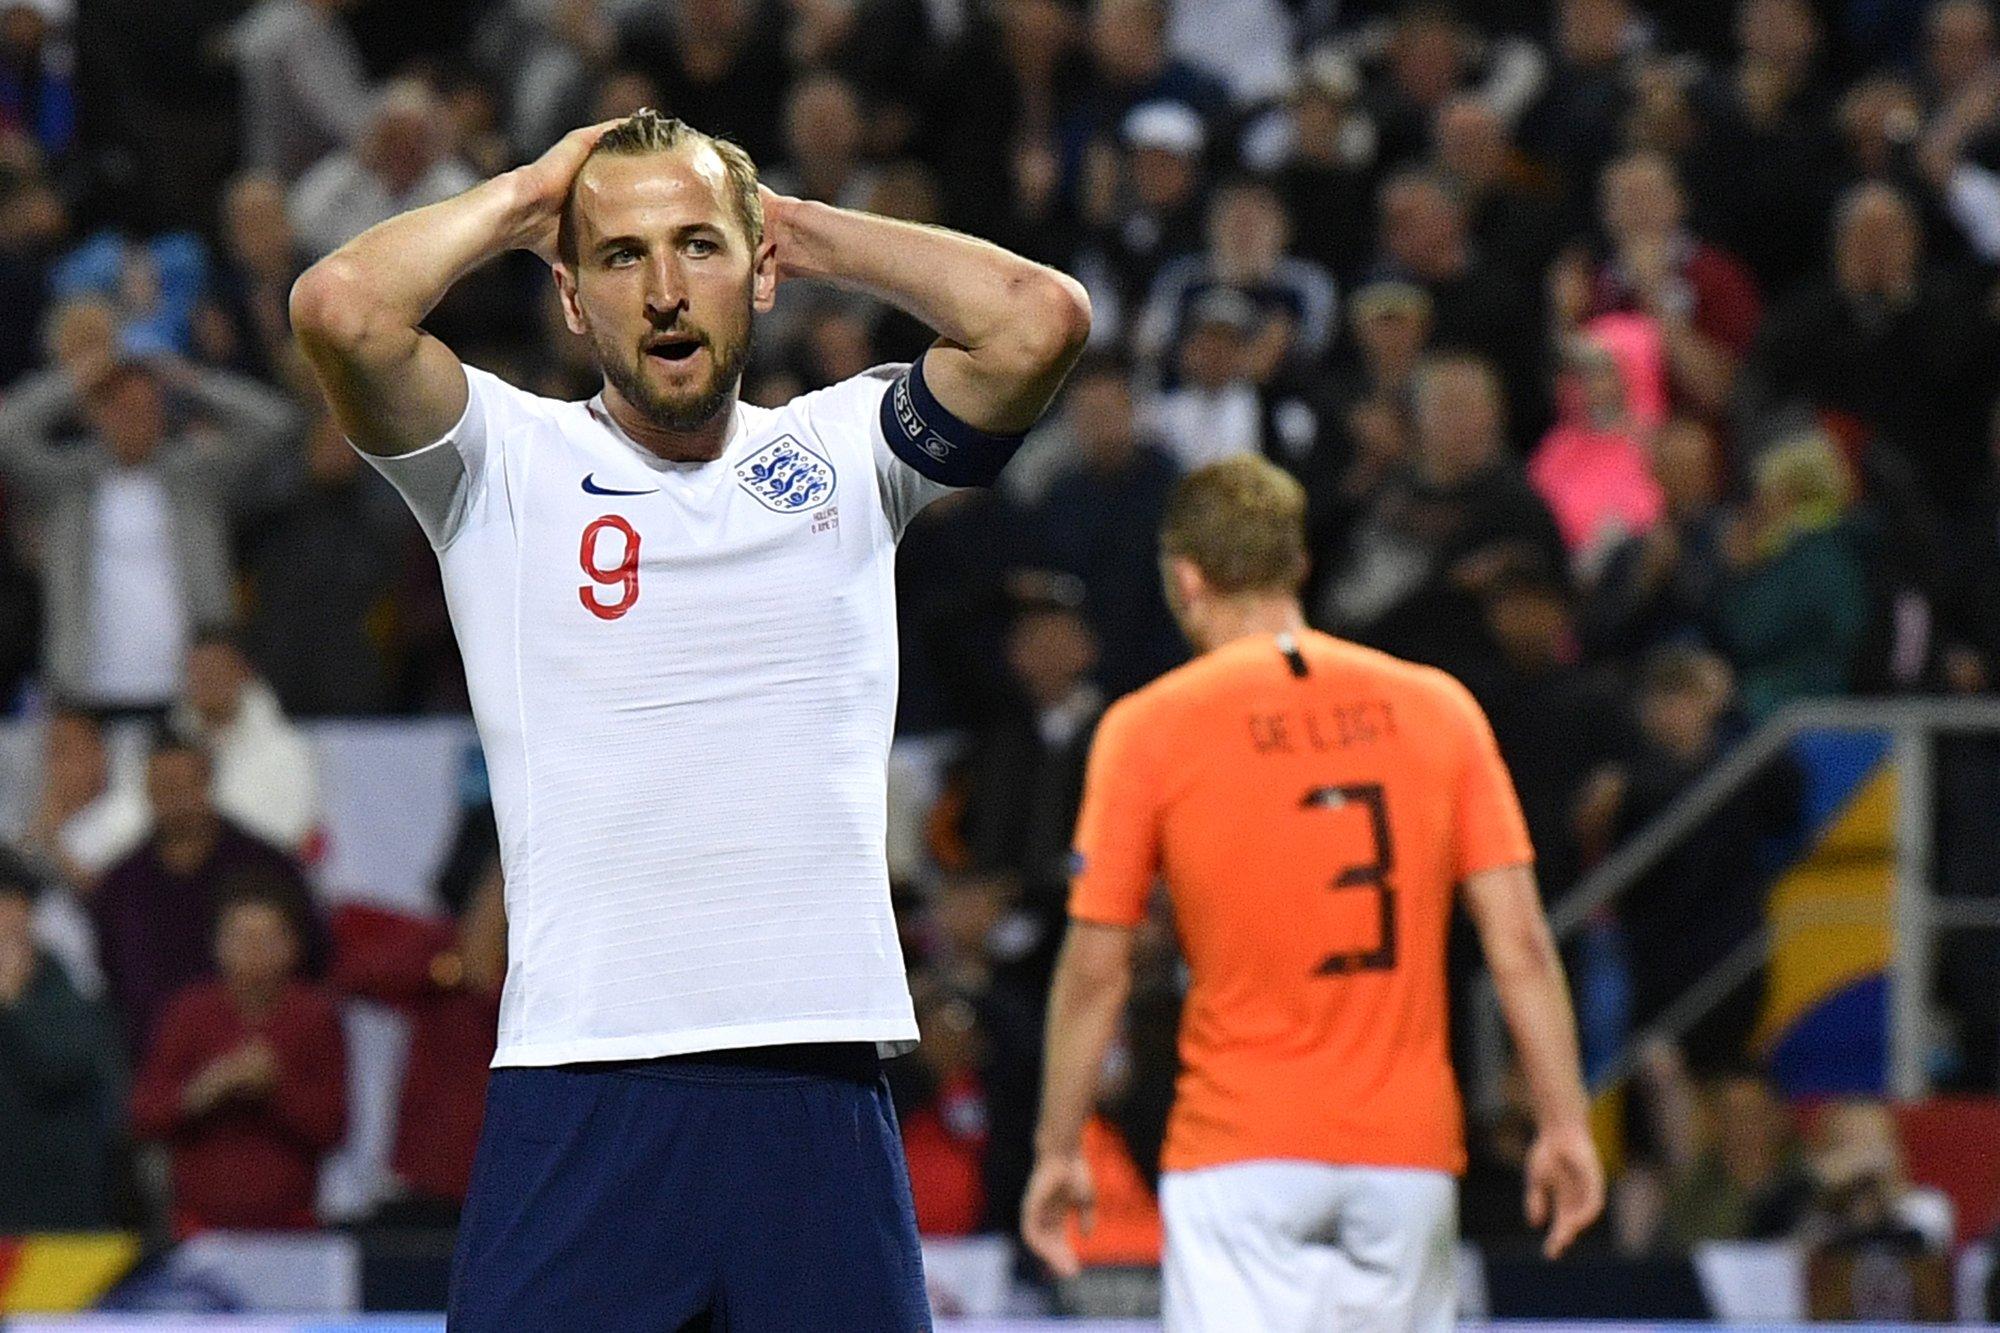 Netherlands beats England 3-1 to reach Nations League final